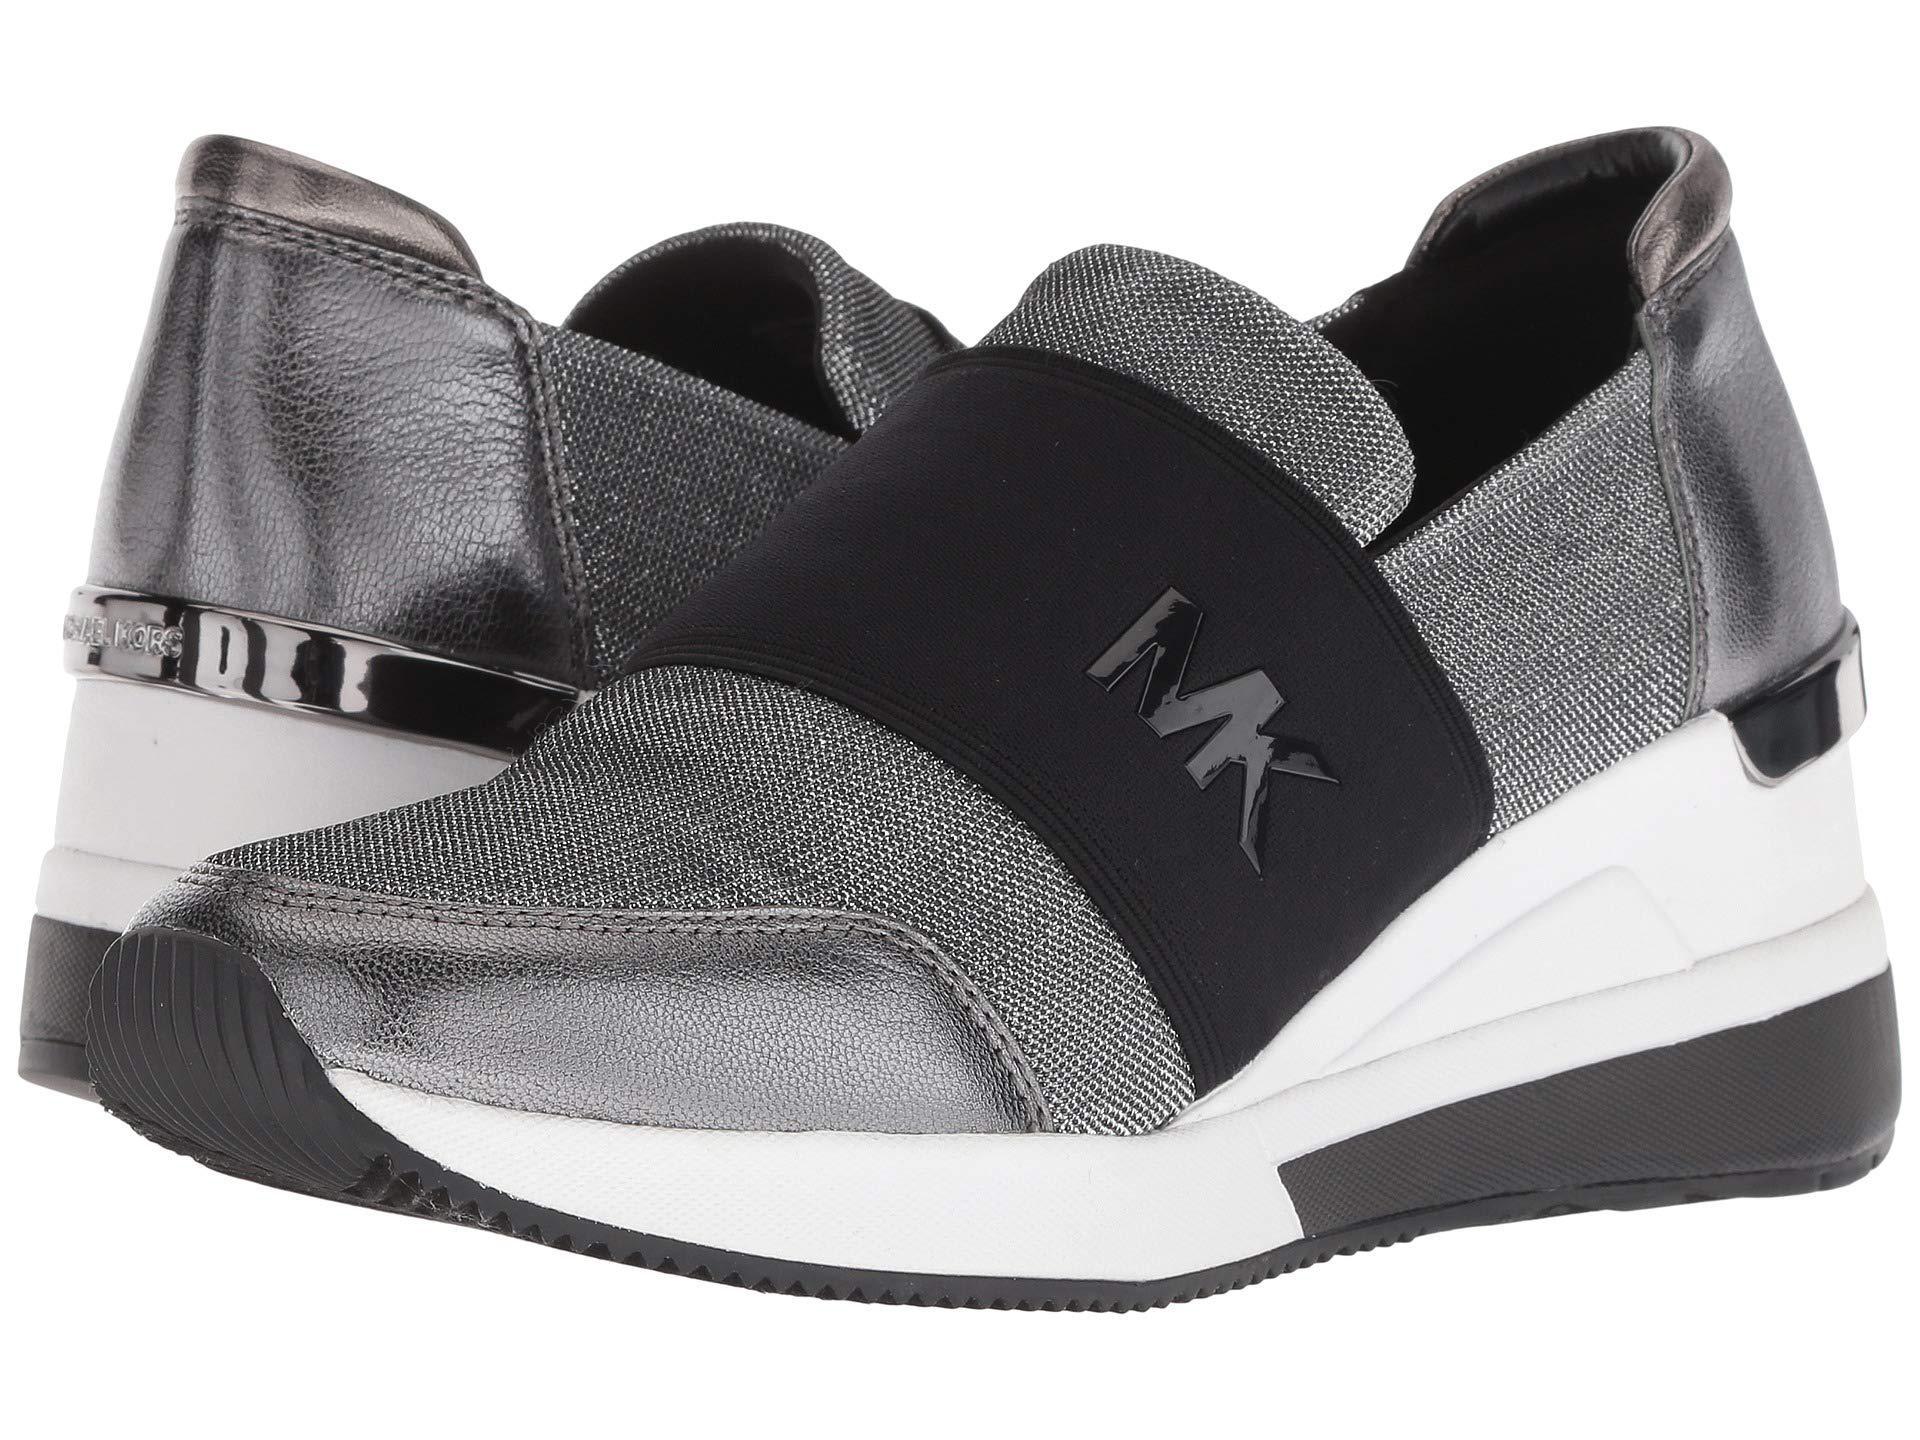 finest selection 70a1d 06afc MICHAEL Michael Kors Felix Trainer (black) Women s Shoes in Black - Lyst